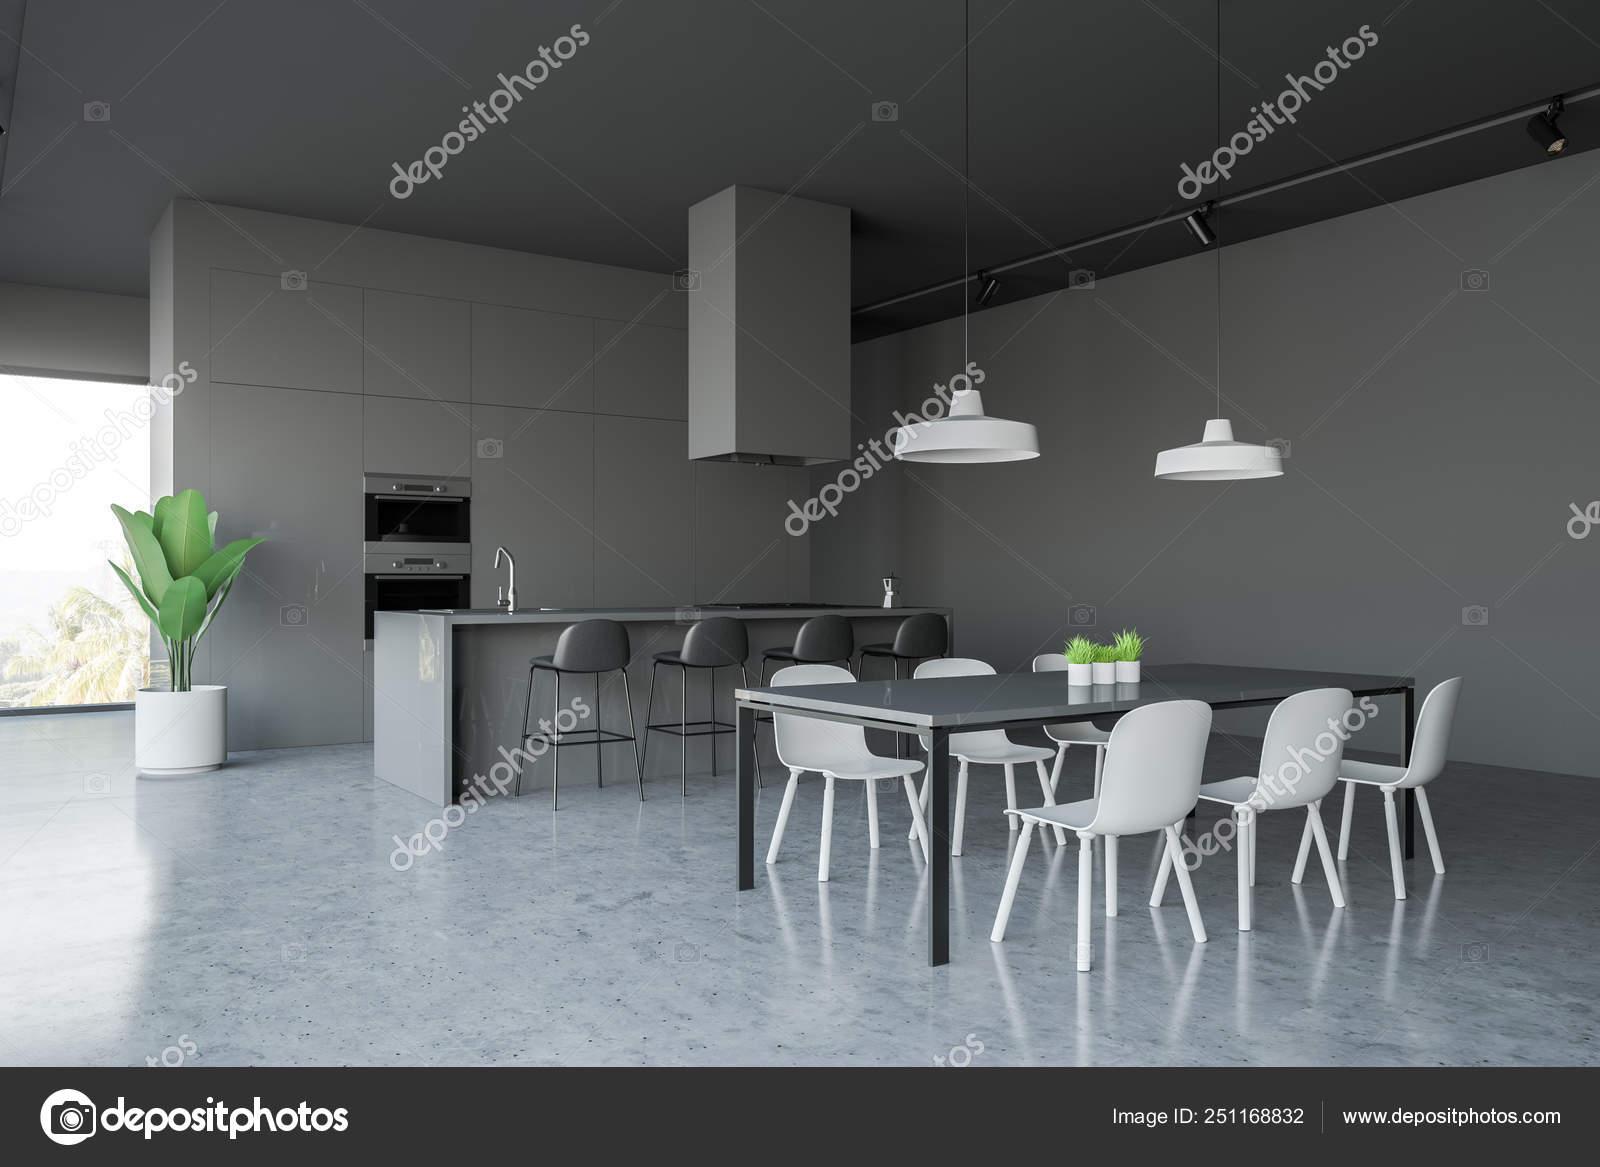 ab25ee0d184c Esquina de la cocina moderna con paredes gris, suelo de hormigón gris barra  con taburetes y mesa negra con sillas. Construido en hornos.